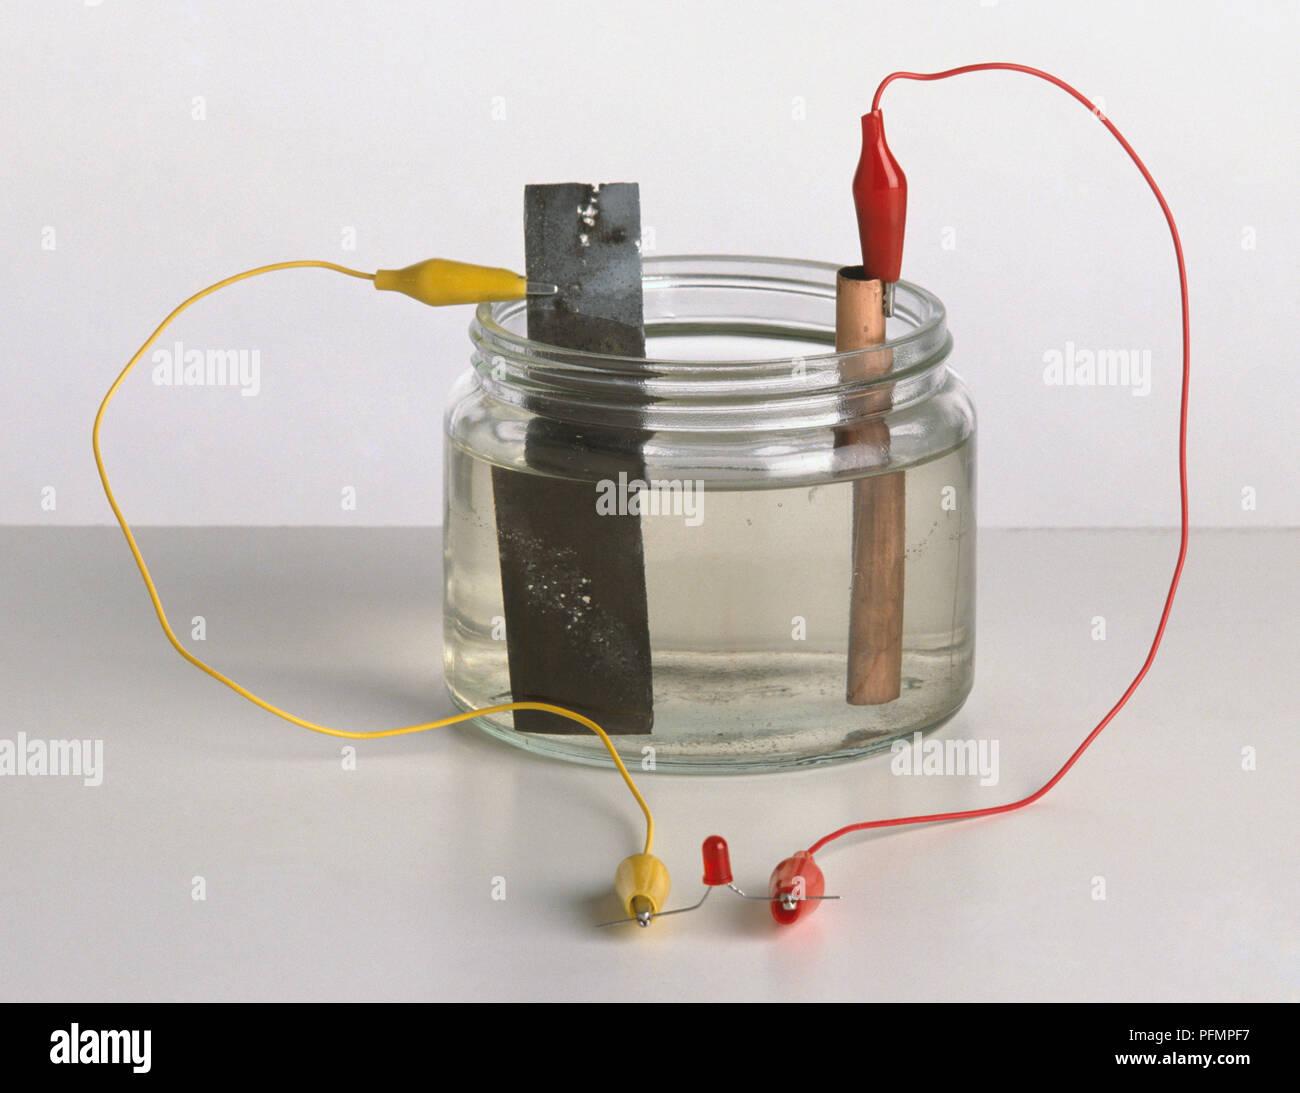 Lemon Battery Circuit Diagram